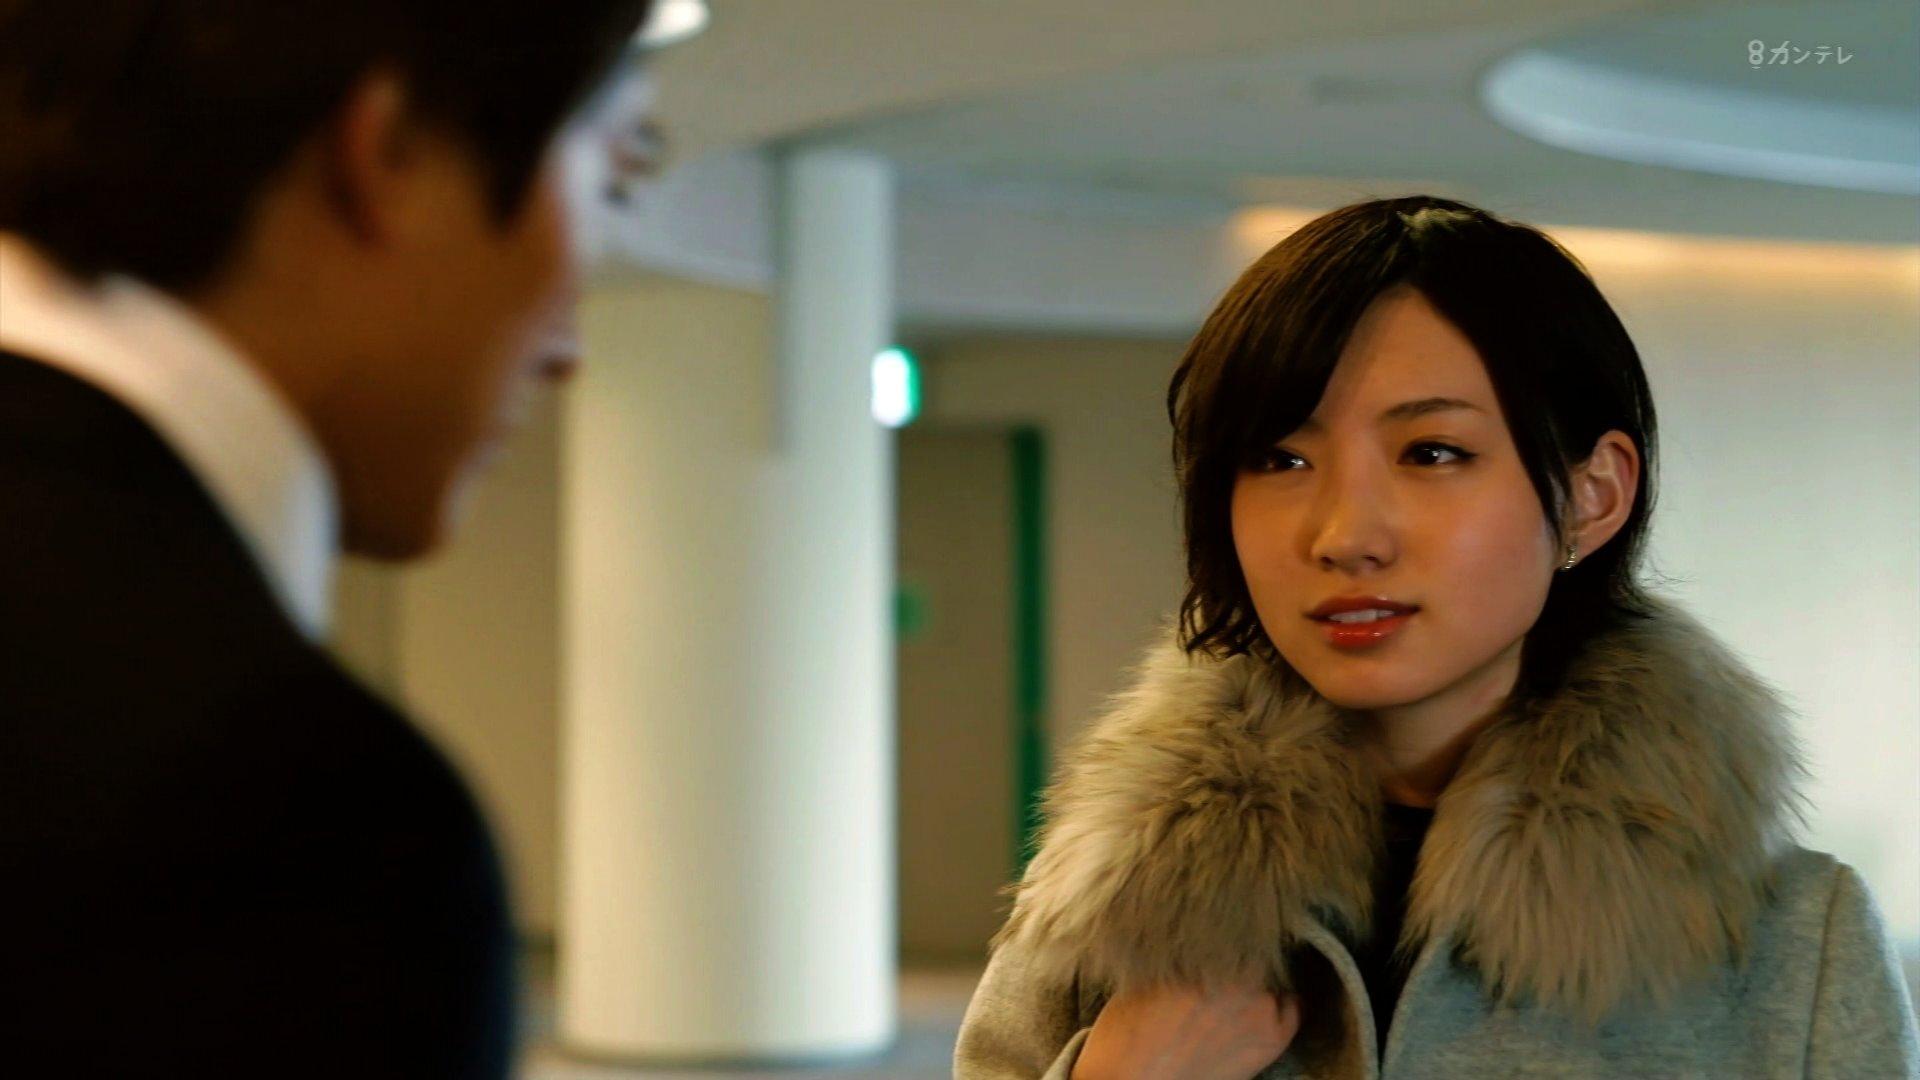 【太田夢莉】ゆーり出演「ミナミの帝王ZERO」♯6の画像。菜穂子と銀次郎が再会。